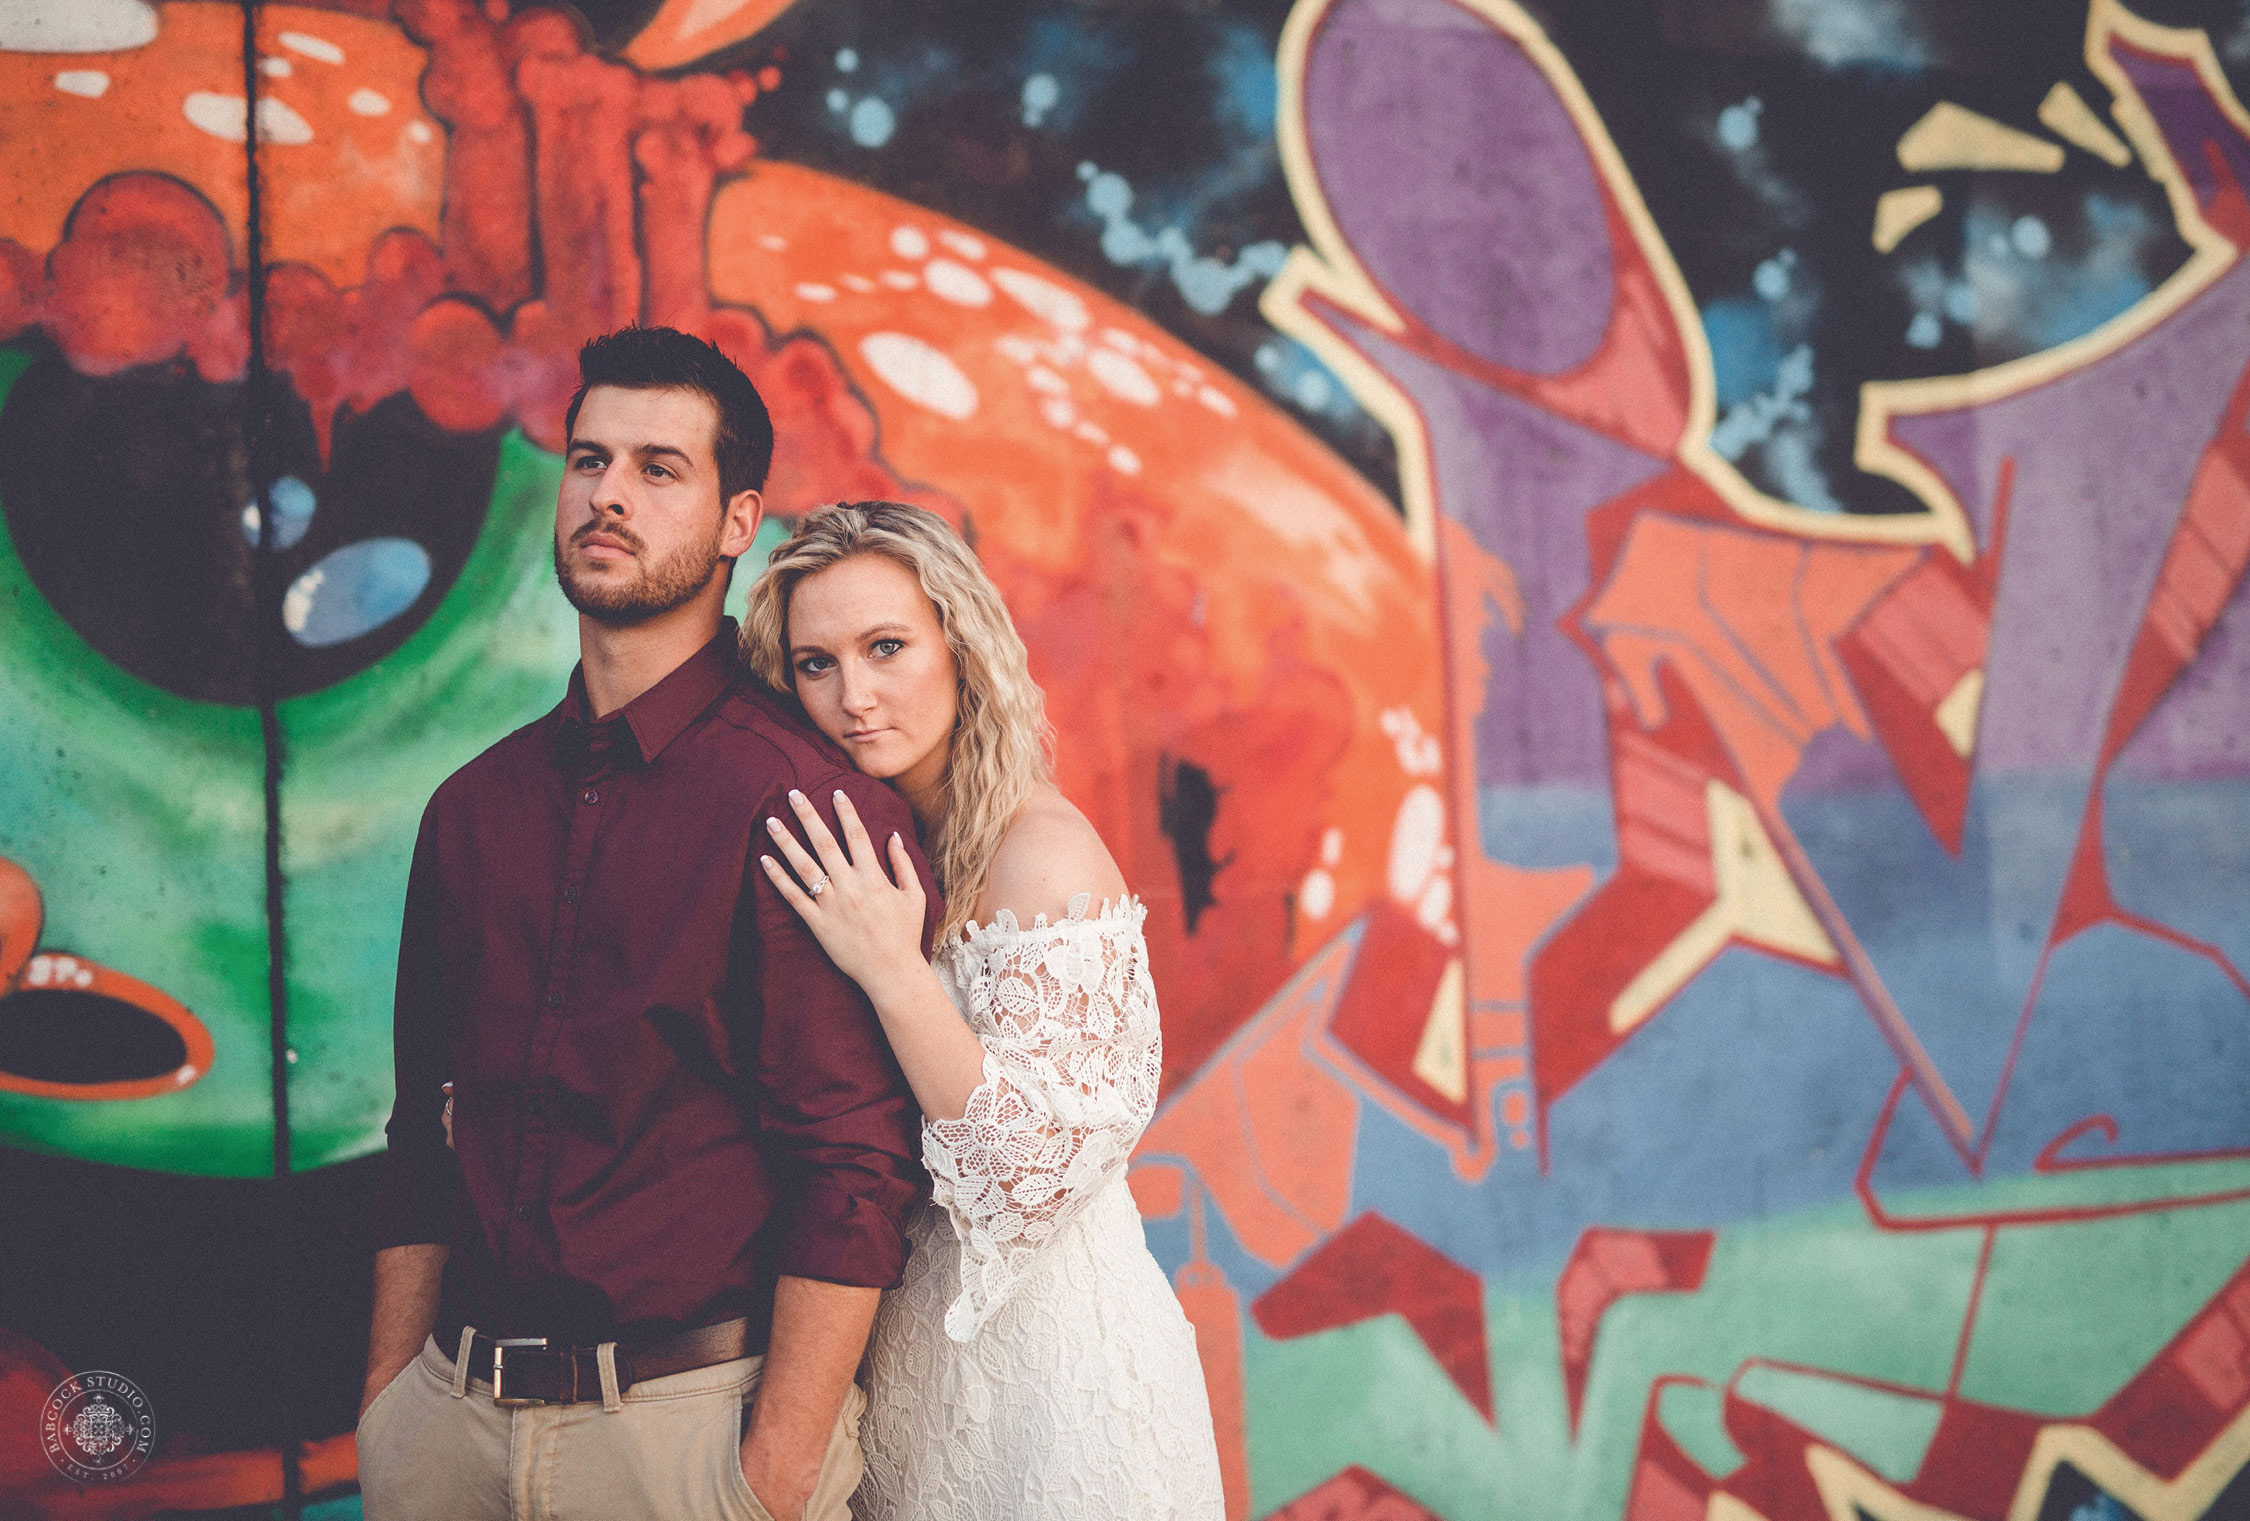 briana-ryan-engagement-photographer-dayton-ohio-12.jpg